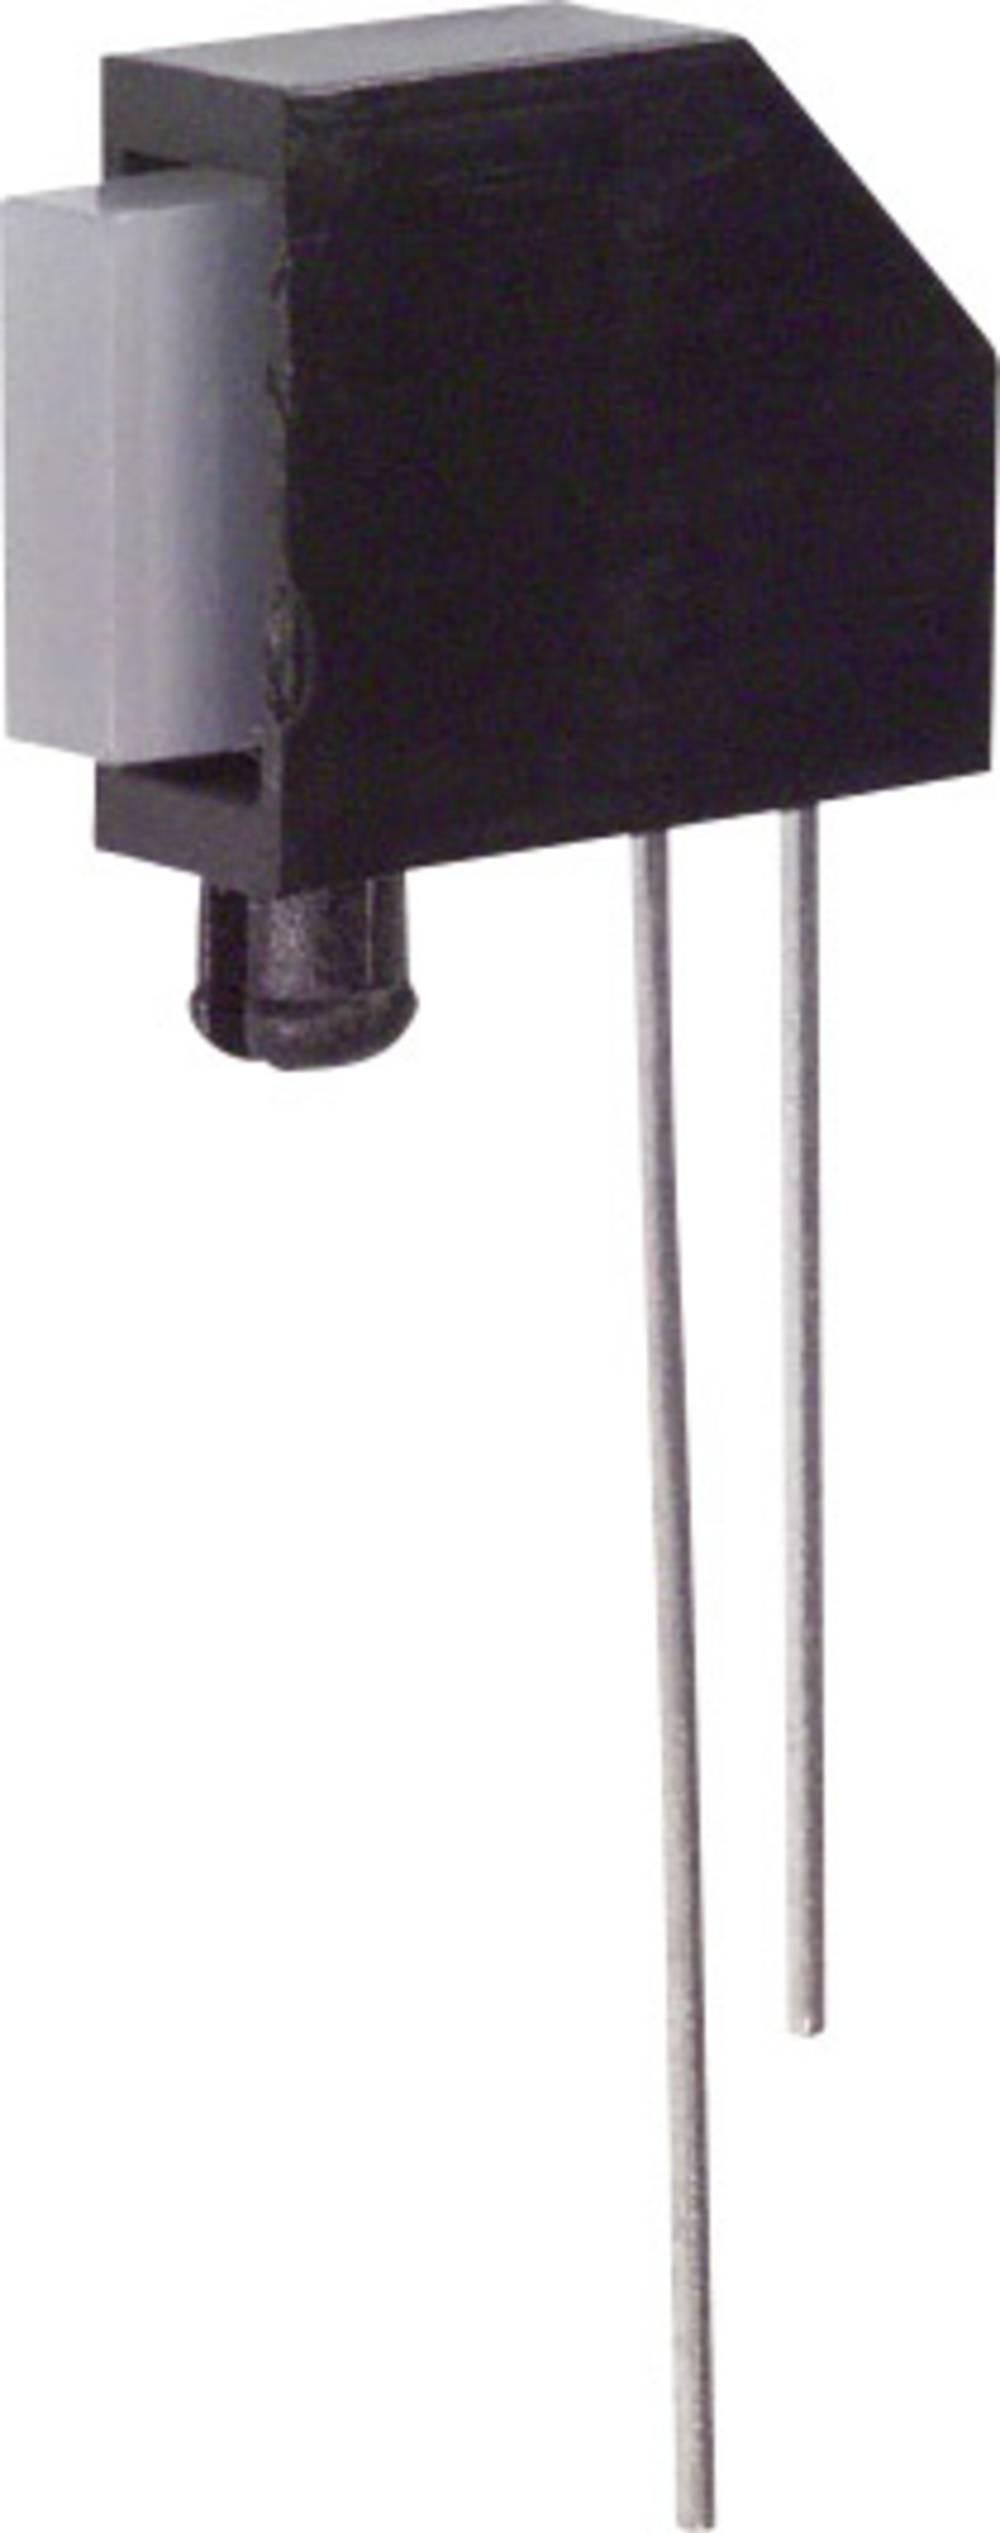 LED-komponent LUMEX (L x B x H) 32.99 x 14.64 x 3.6 mm Grøn, Rød